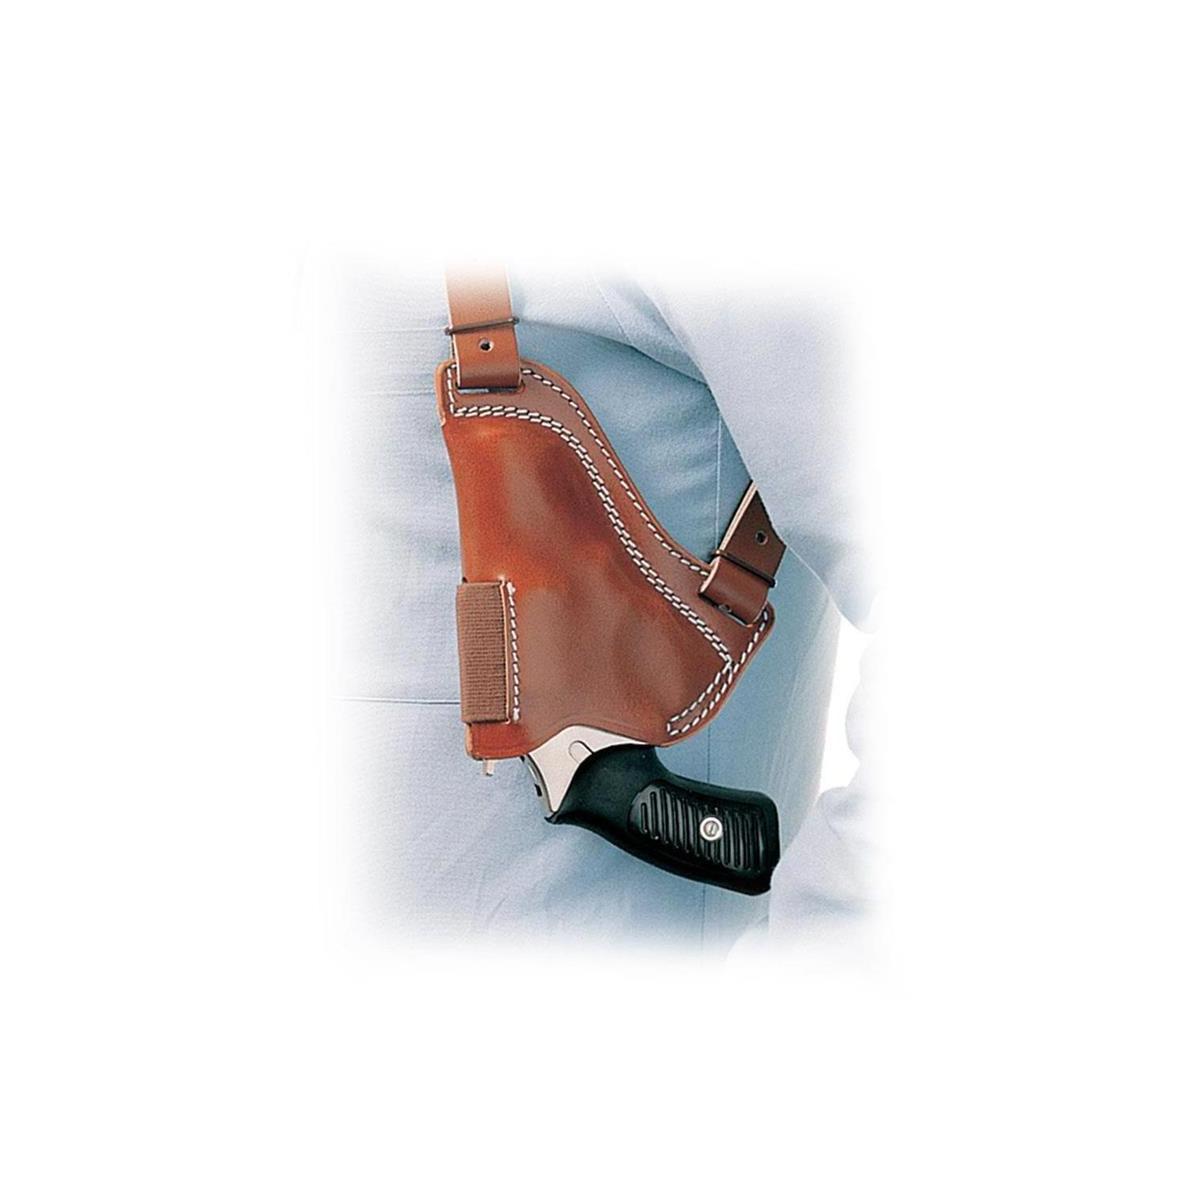 Schulterholster BODYGUARD Rechtshänder-Braun-S&W 2\